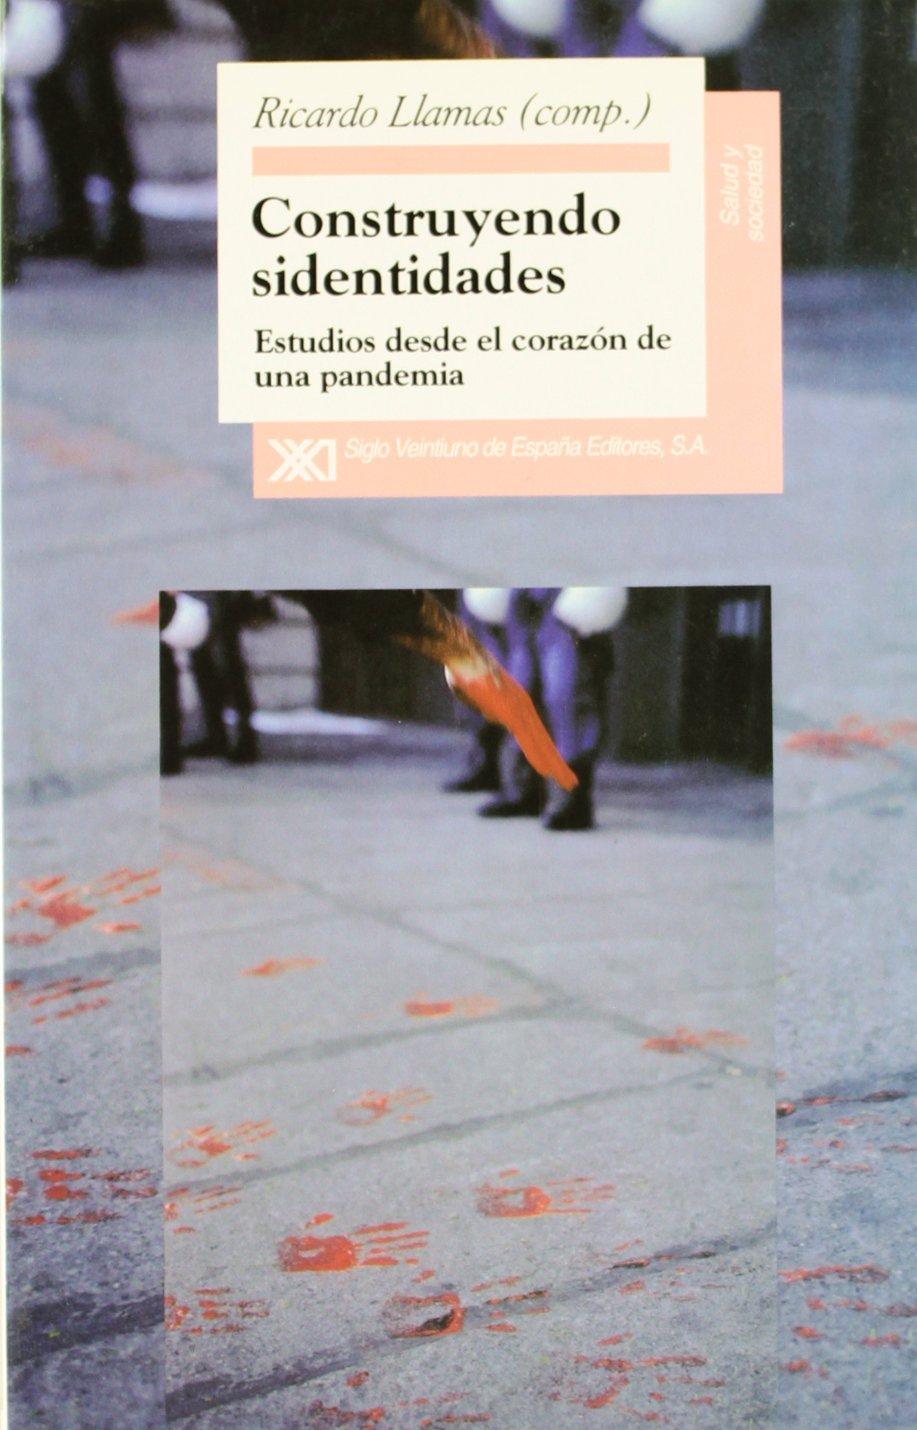 Construyendo sidentidades: Estudios desde el corazón de una pandemia (Salud y sociedad)